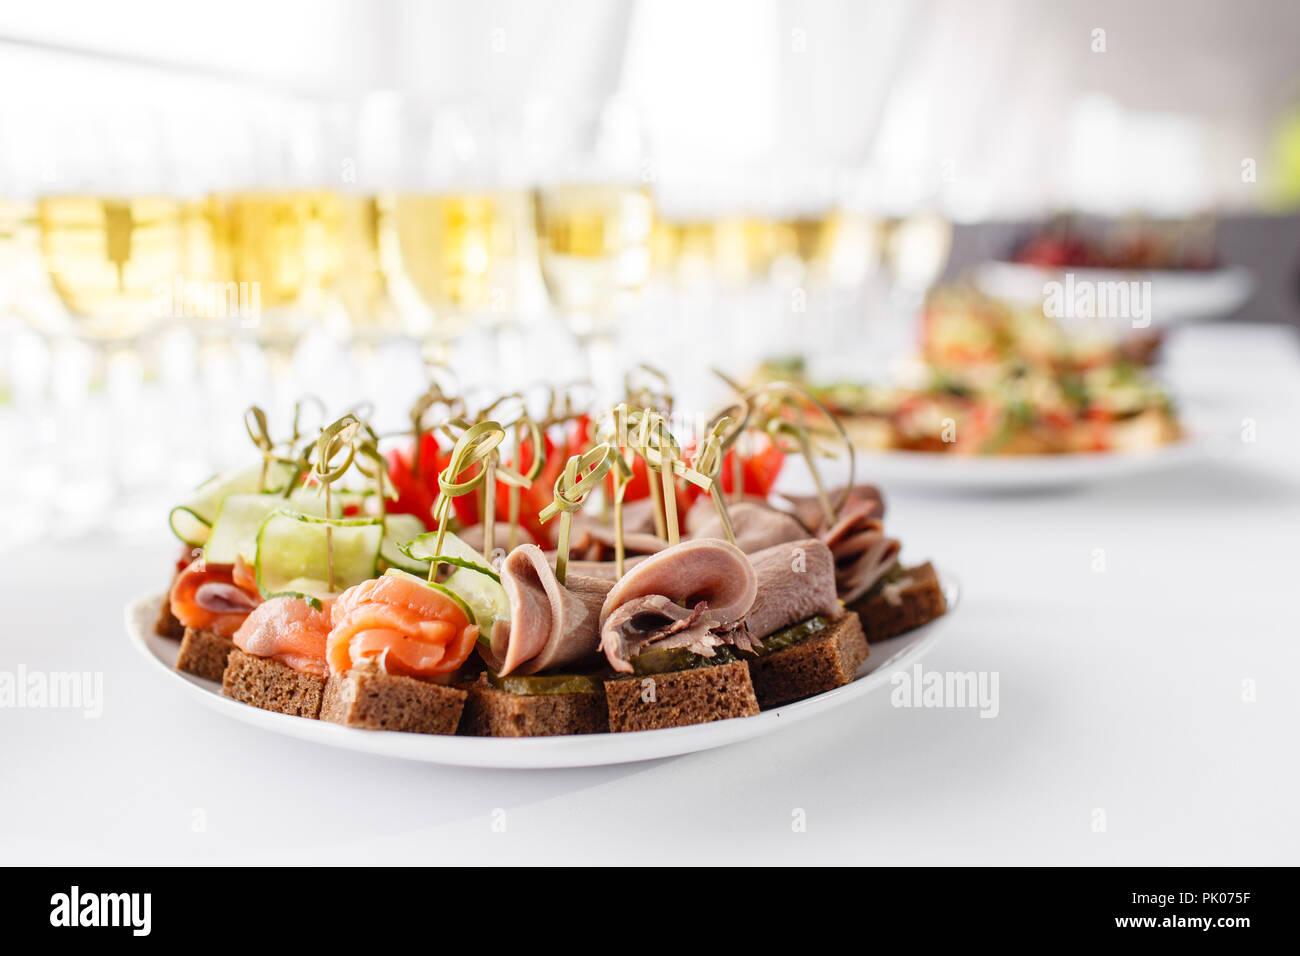 Roggen Brot Sandwiches, Kanapees, Bruschetta auf weiße Platte. feierlichen Bankett. Viele Gläser Champagner oder Wein auf dem Tisch im Restaurant Buffet mit vielen leckeren Snacks. Stockbild